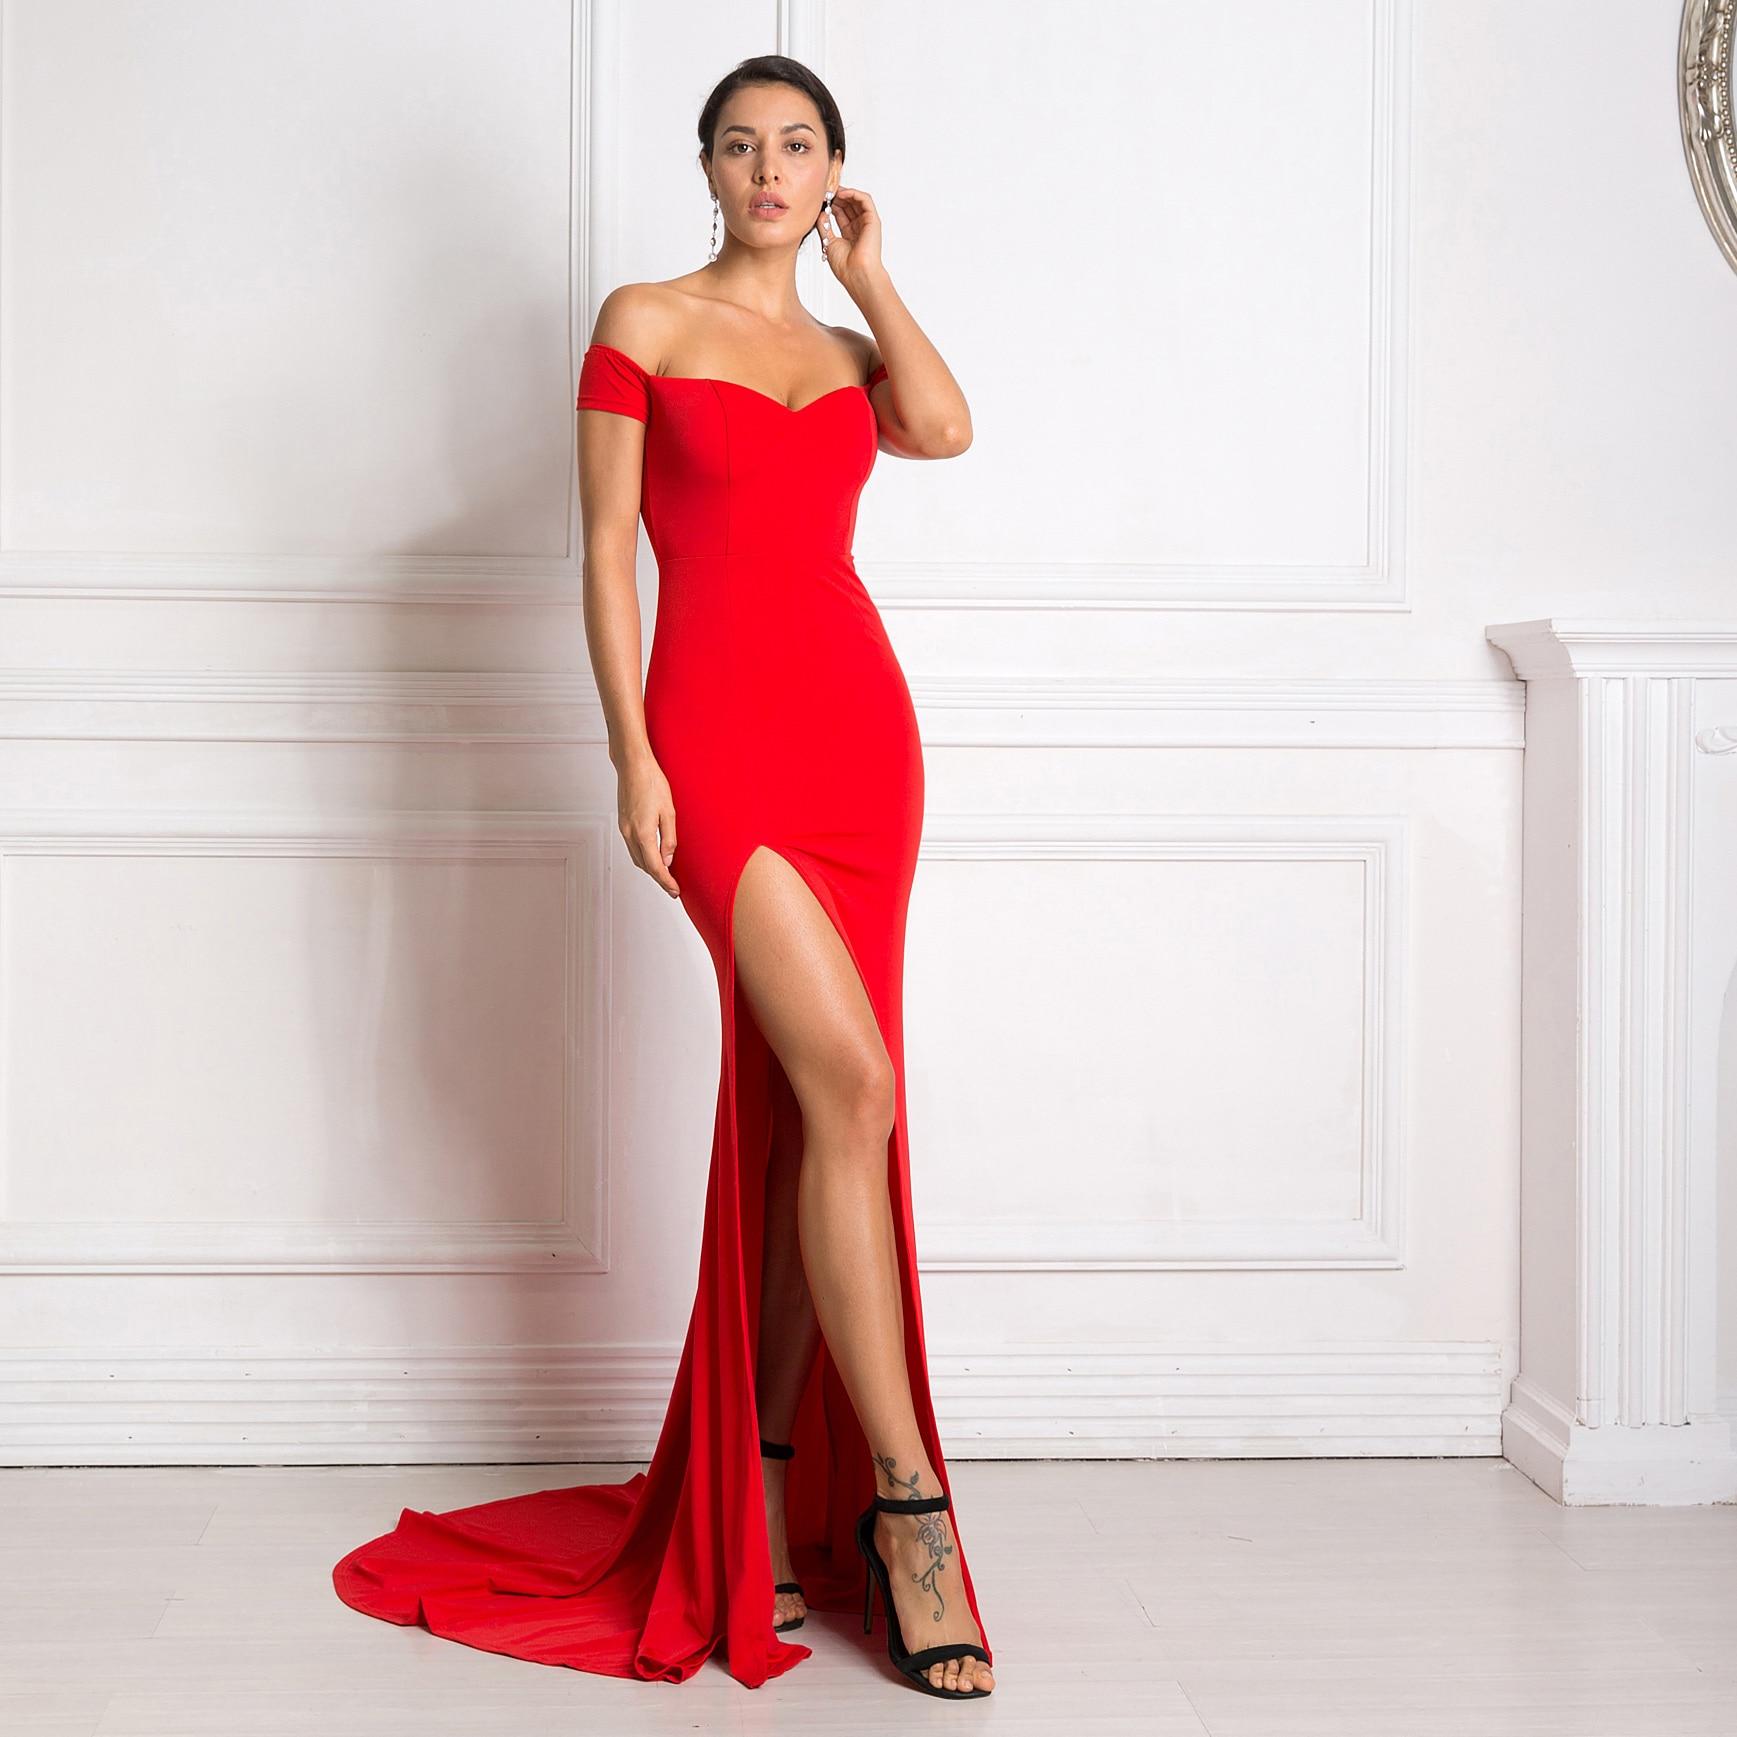 Robe Sirène rembourrée, Sexy, épaules dénudées, col bateau, moulante, fendue